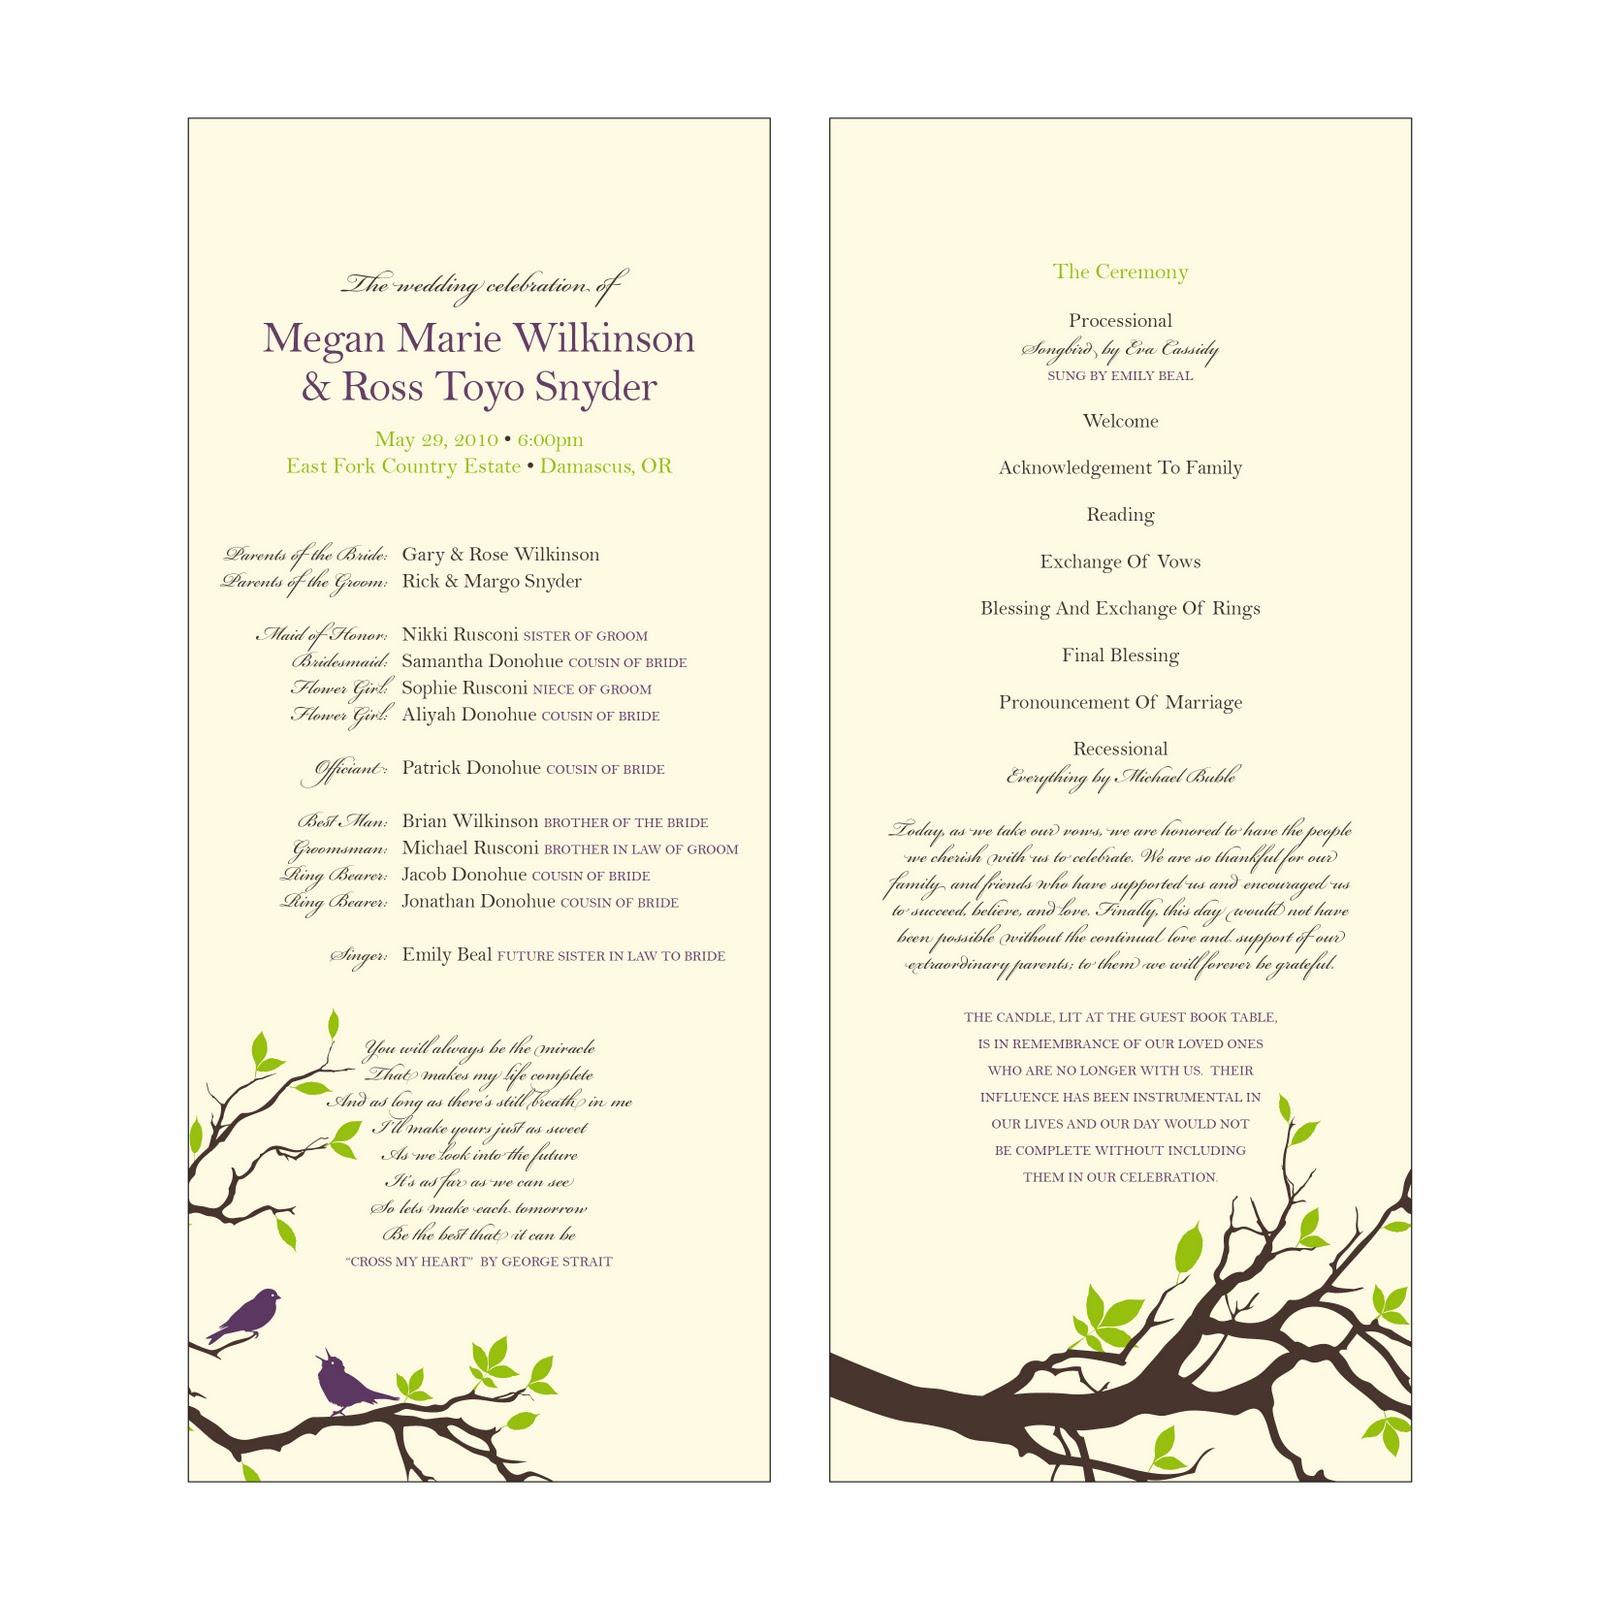 Free Catholic Wedding Program Templates Catholic Wedding Program - Catholic wedding program template